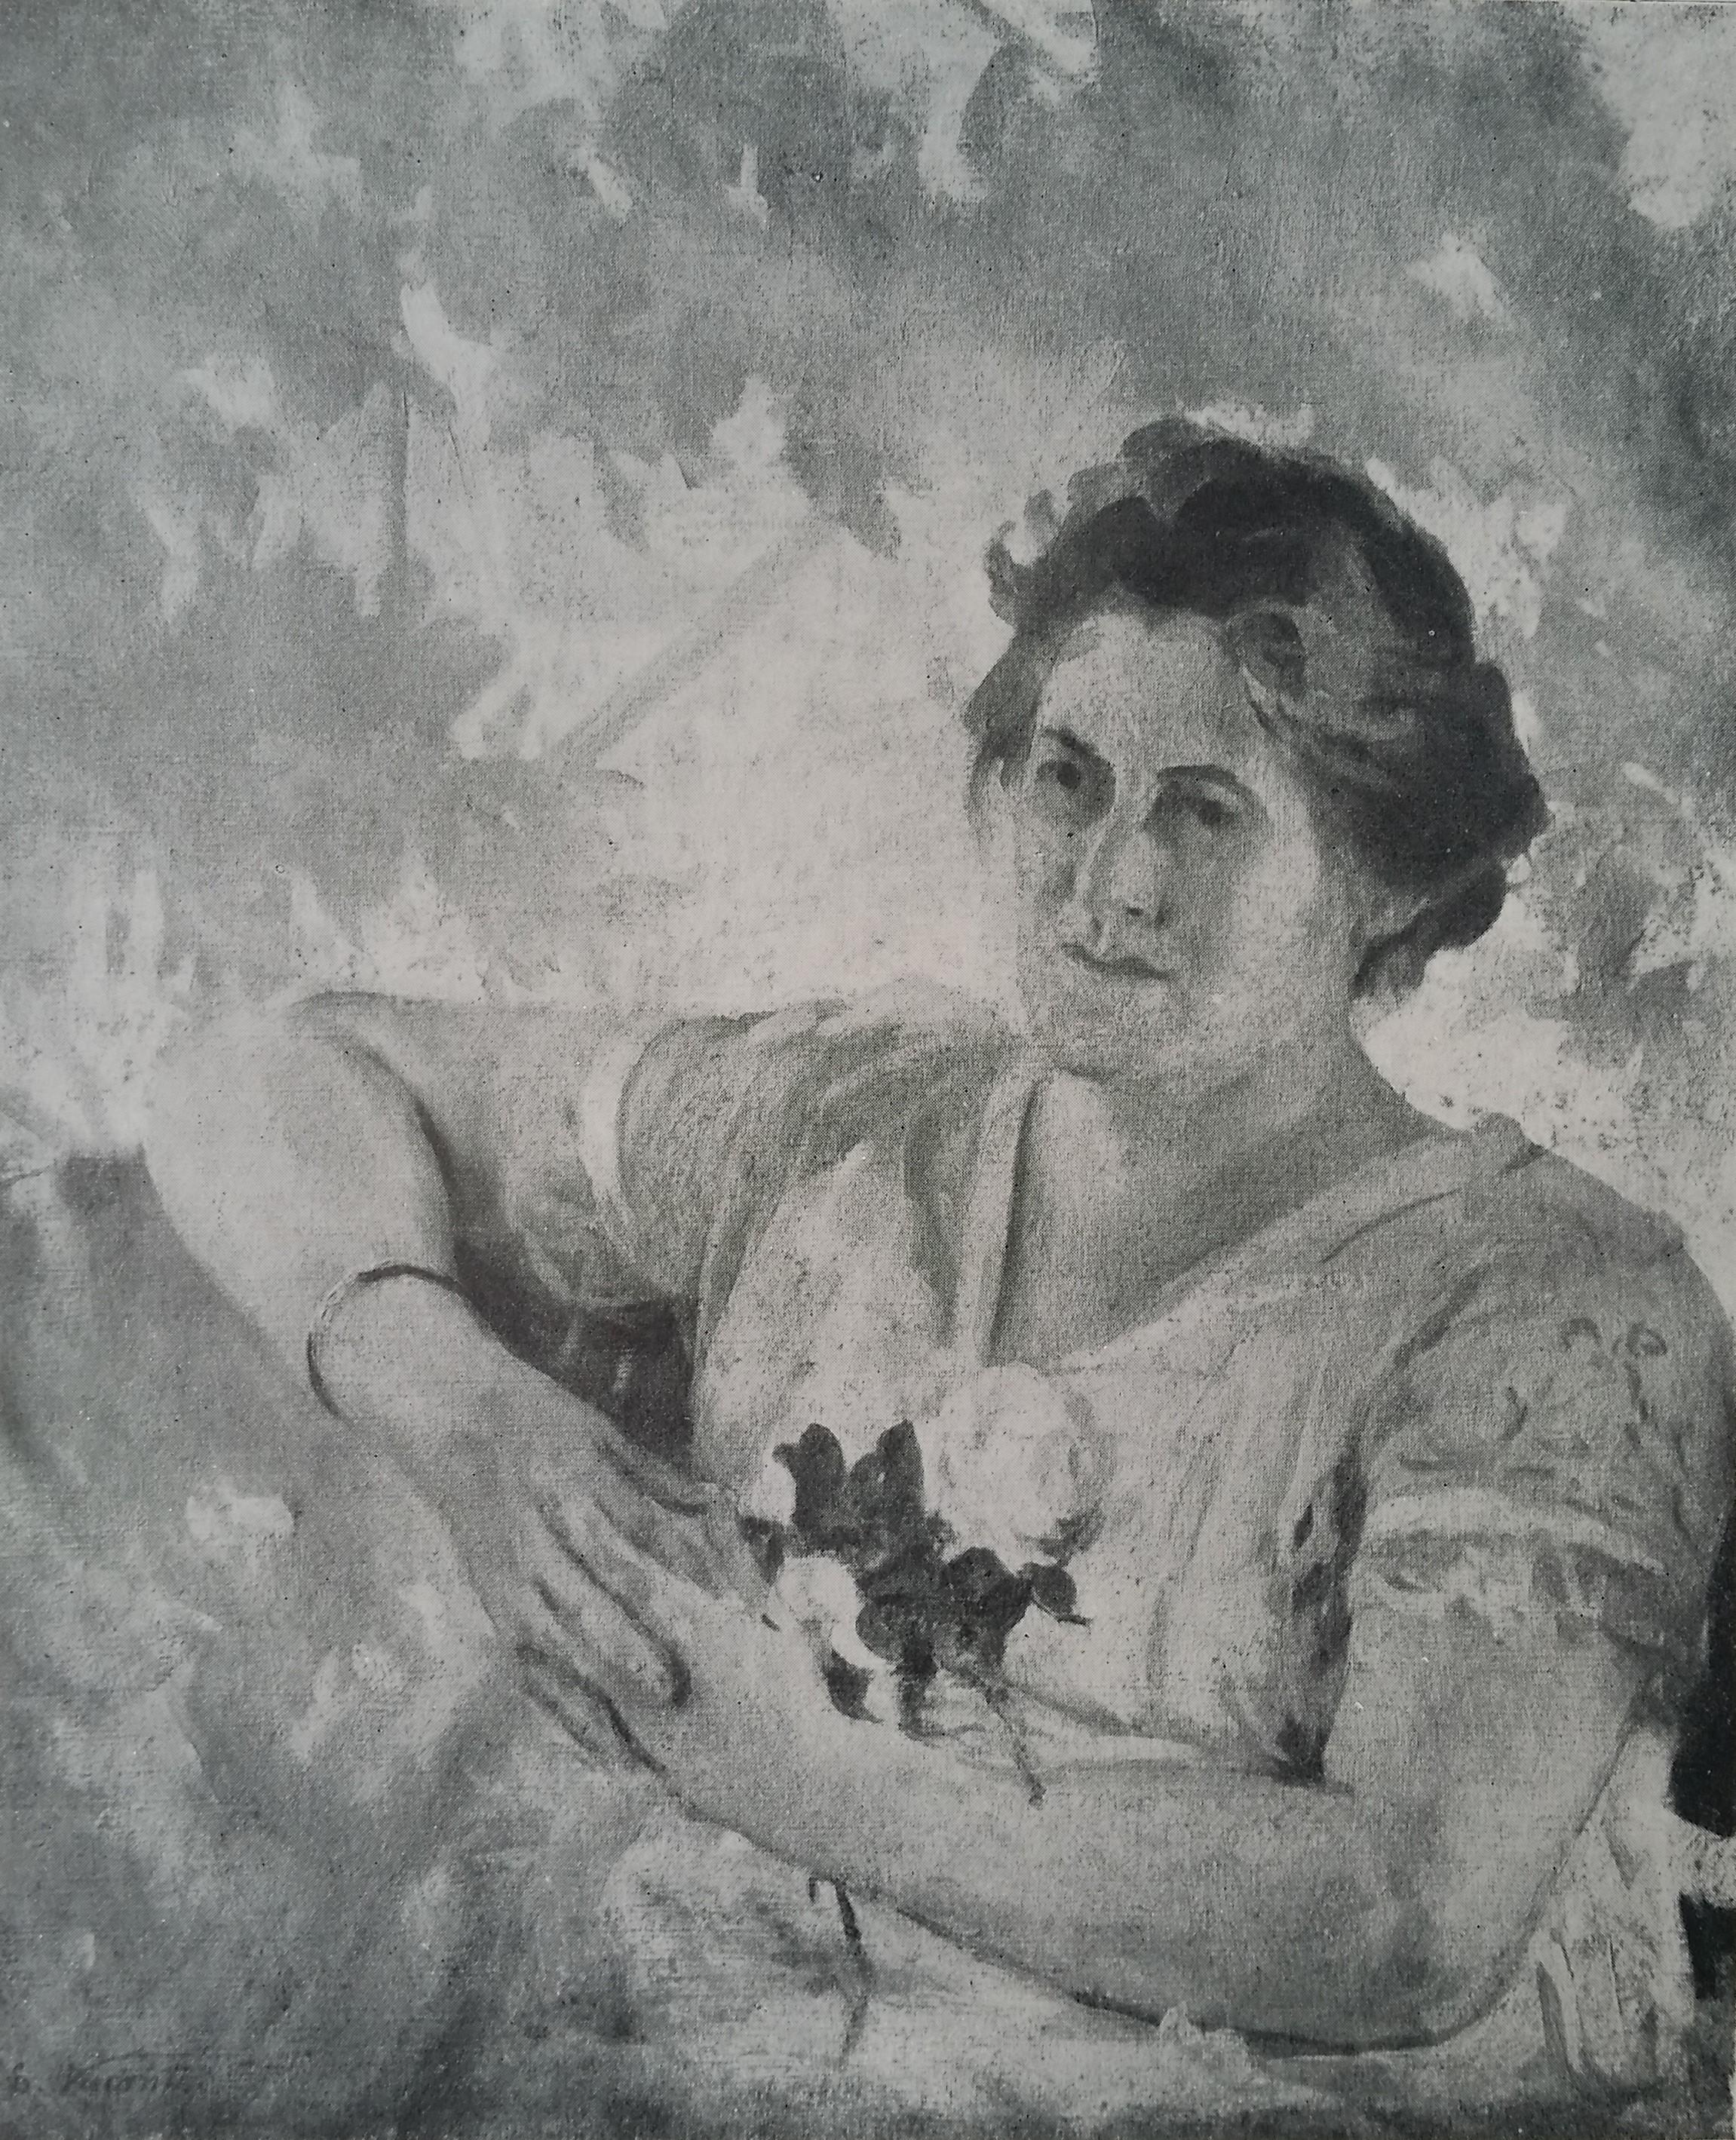 RETRATO DE MINHA MULHER LOUISE - OST - c.1925 - LOCALIZAÇÃO DESCONHECIDA